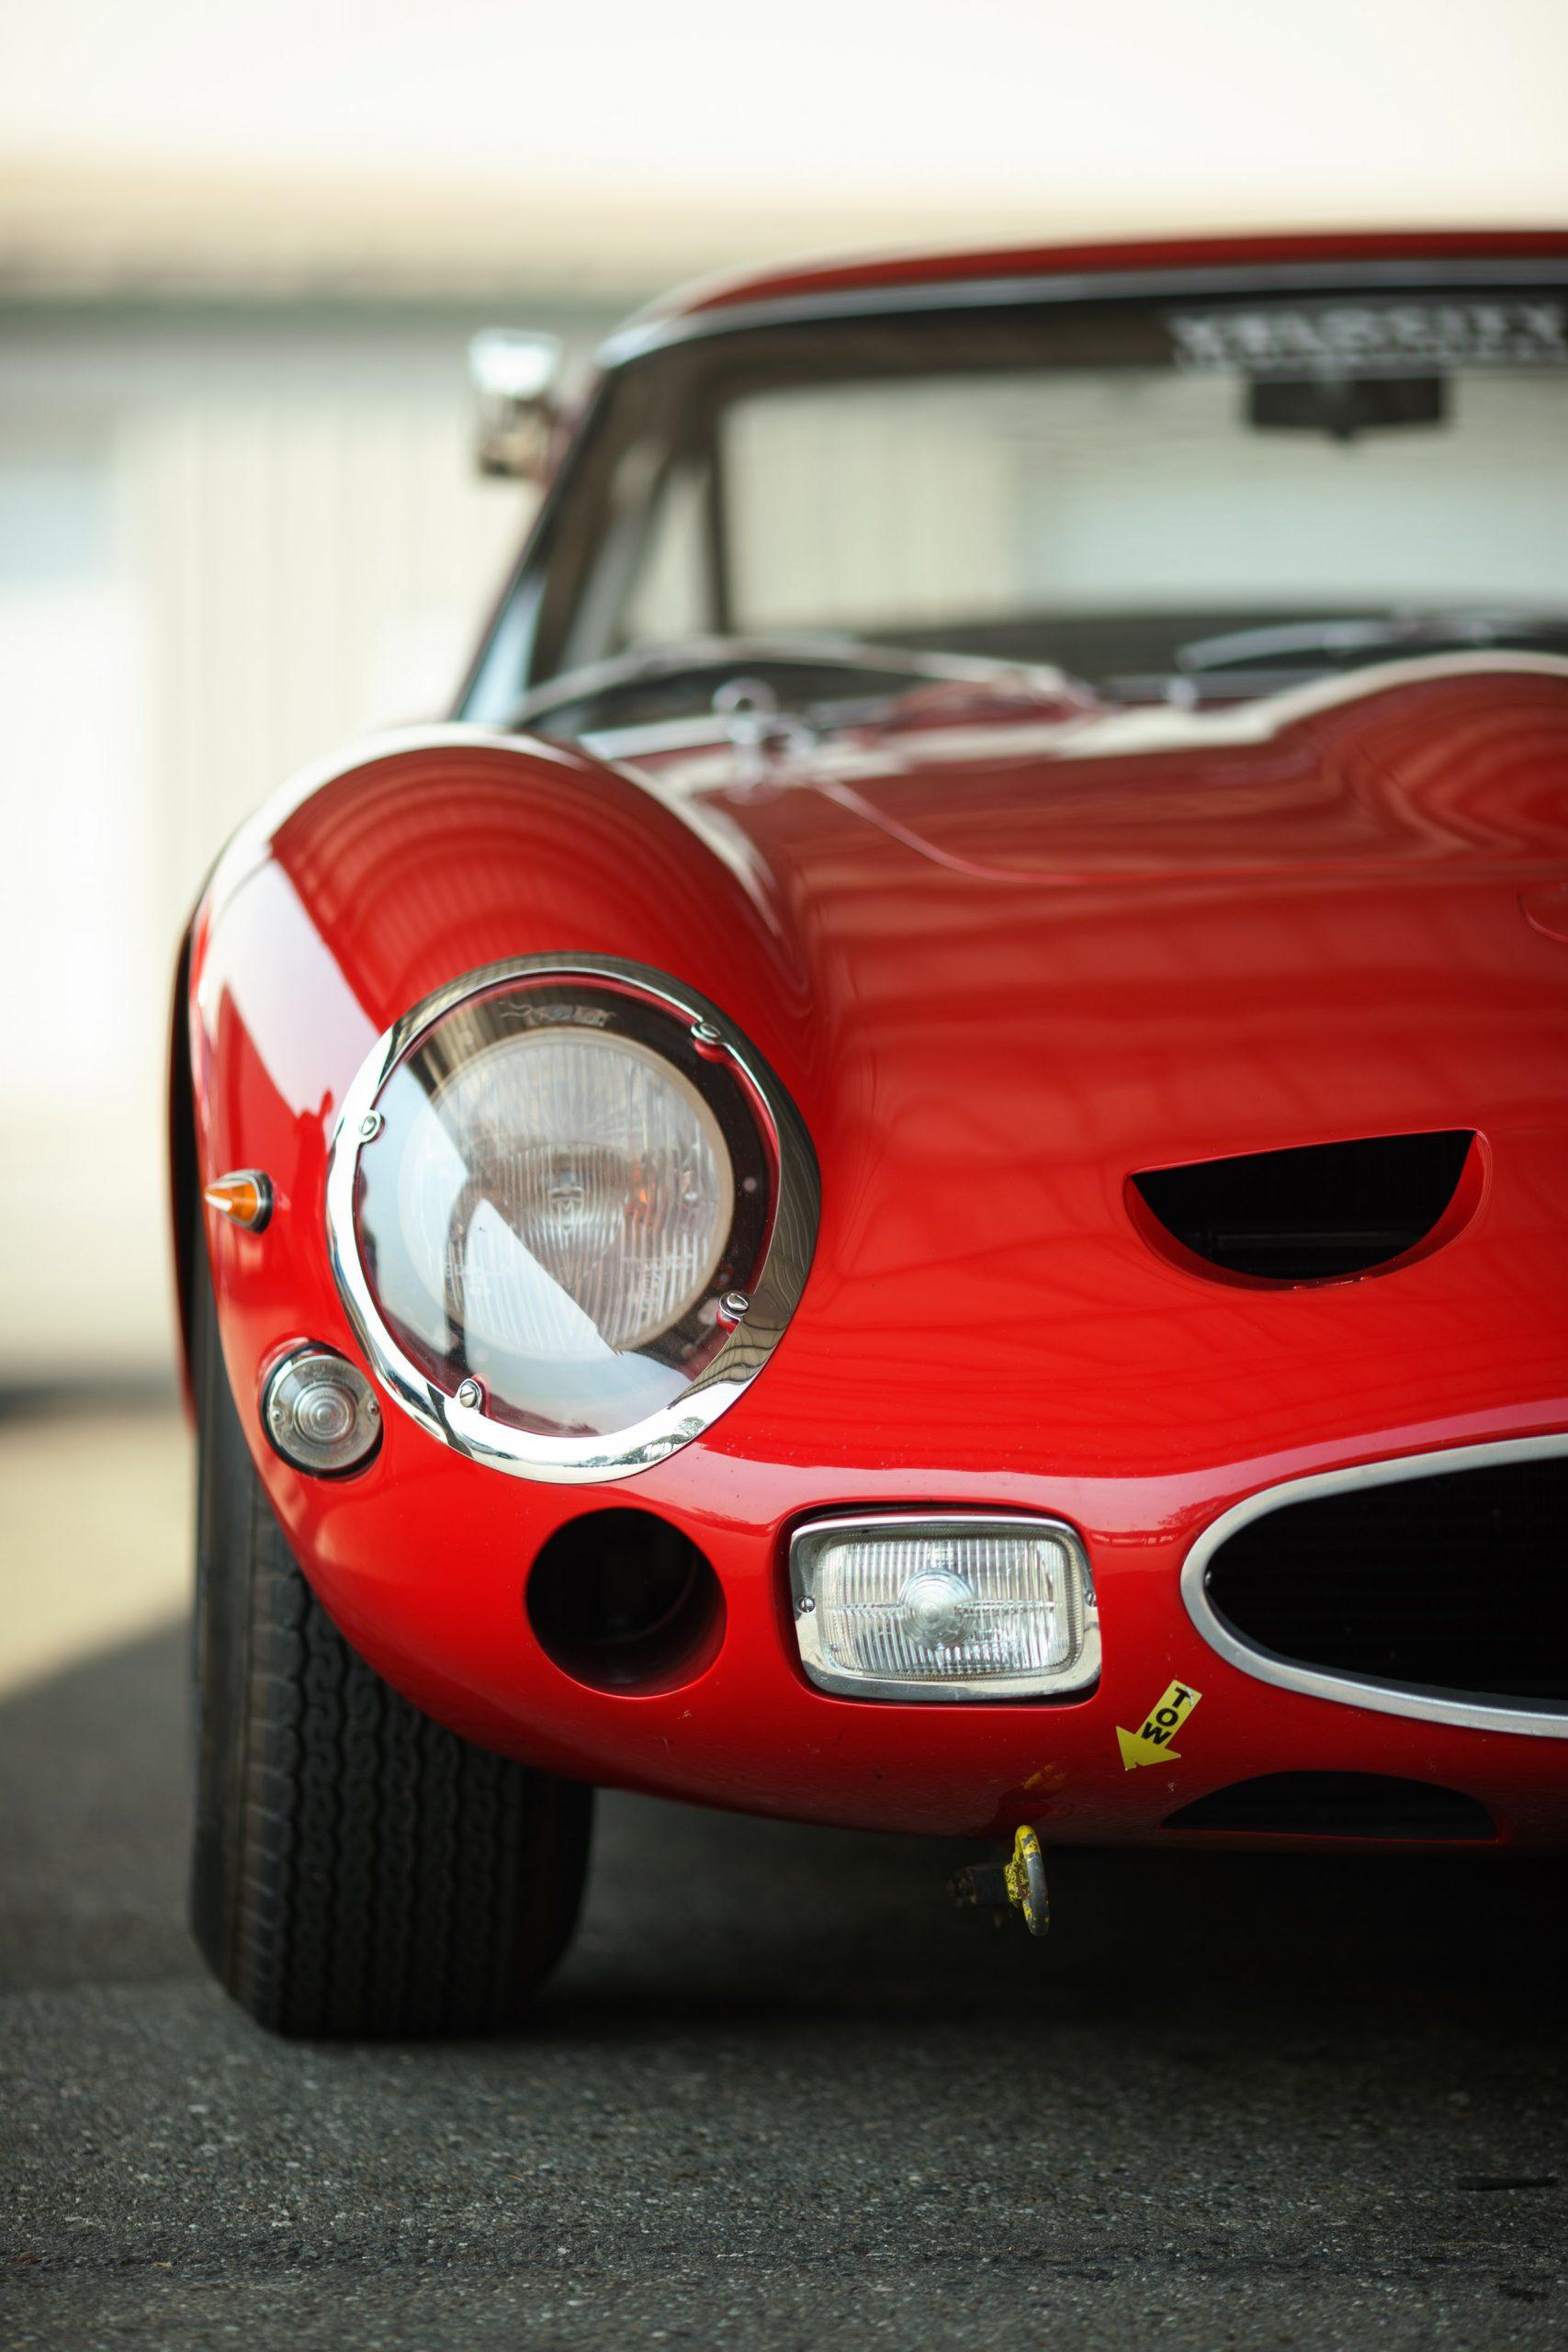 Thunderhill Ferrari front half split